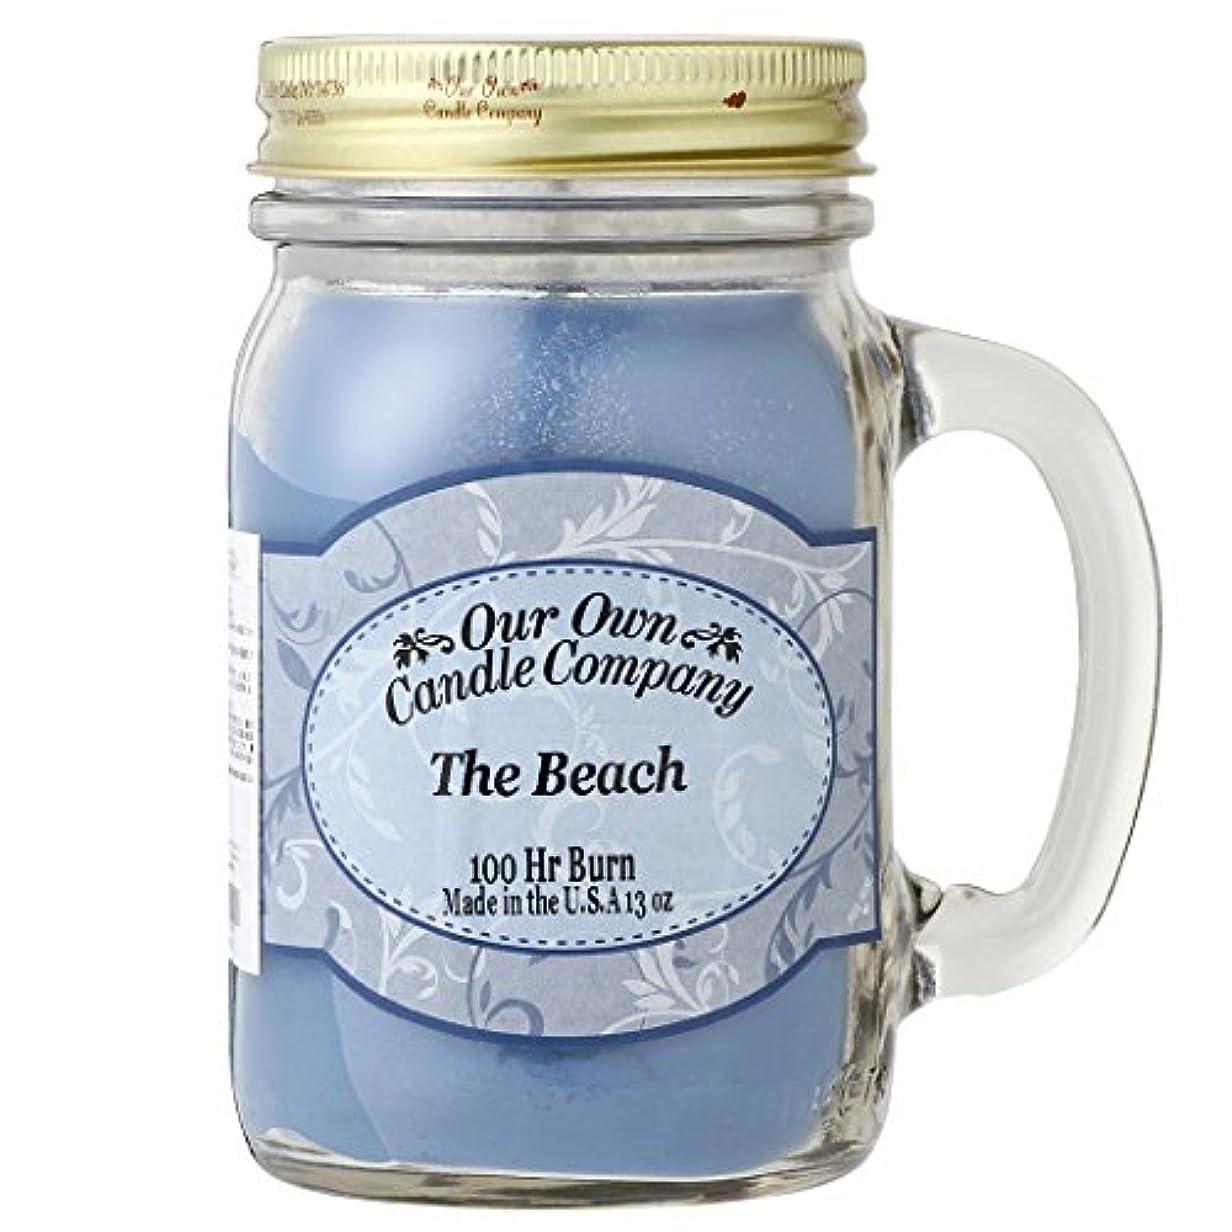 エリート興奮する進化Our Own Candle Company メイソンジャーキャンドル ラージサイズ ザ?ビーチ OU100119